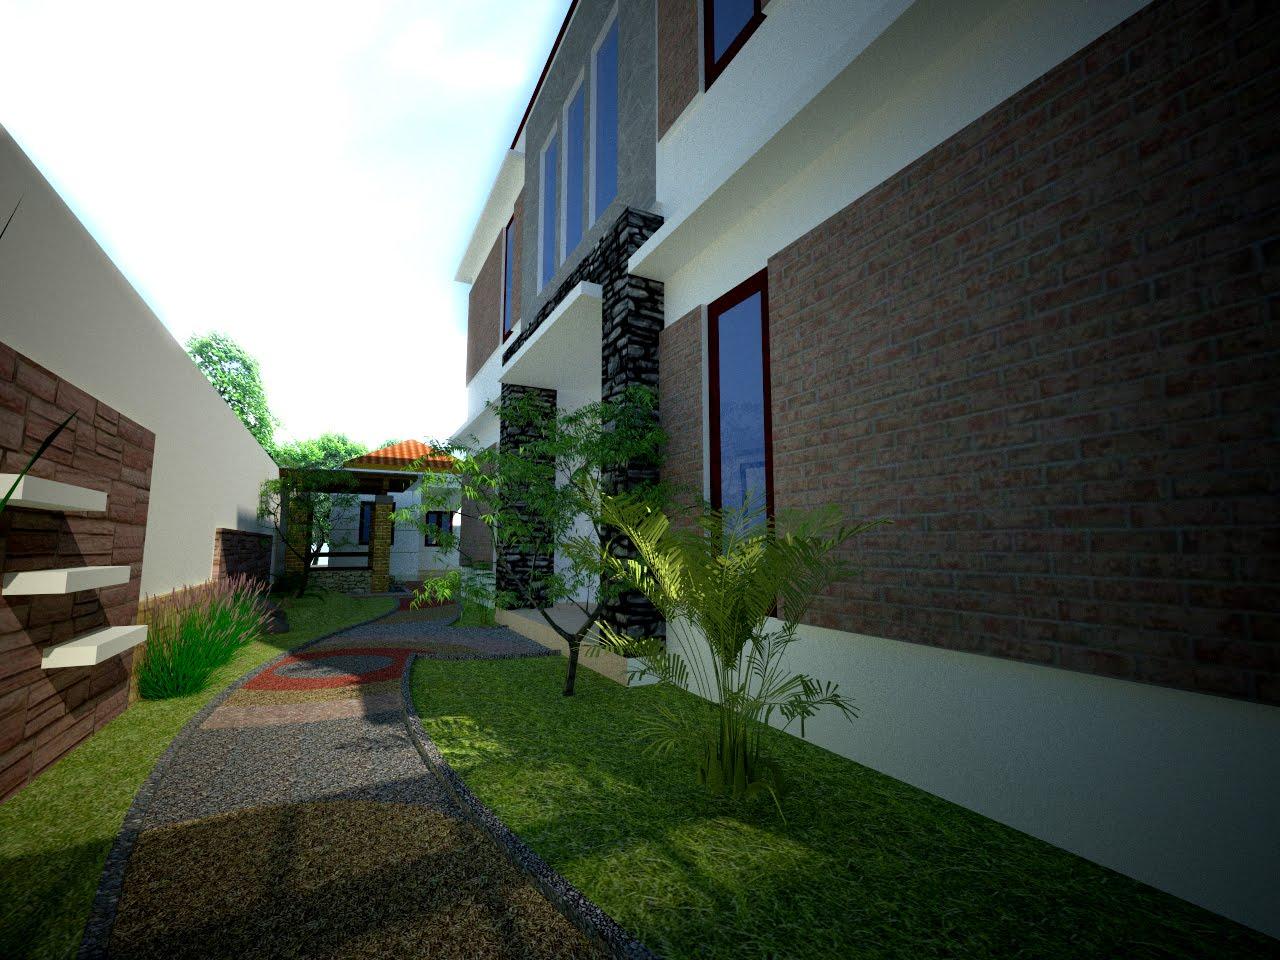 taman 1 - Inspirasi Desain Taman Rumah di Lahan Sempit Mungil Nan Cantik